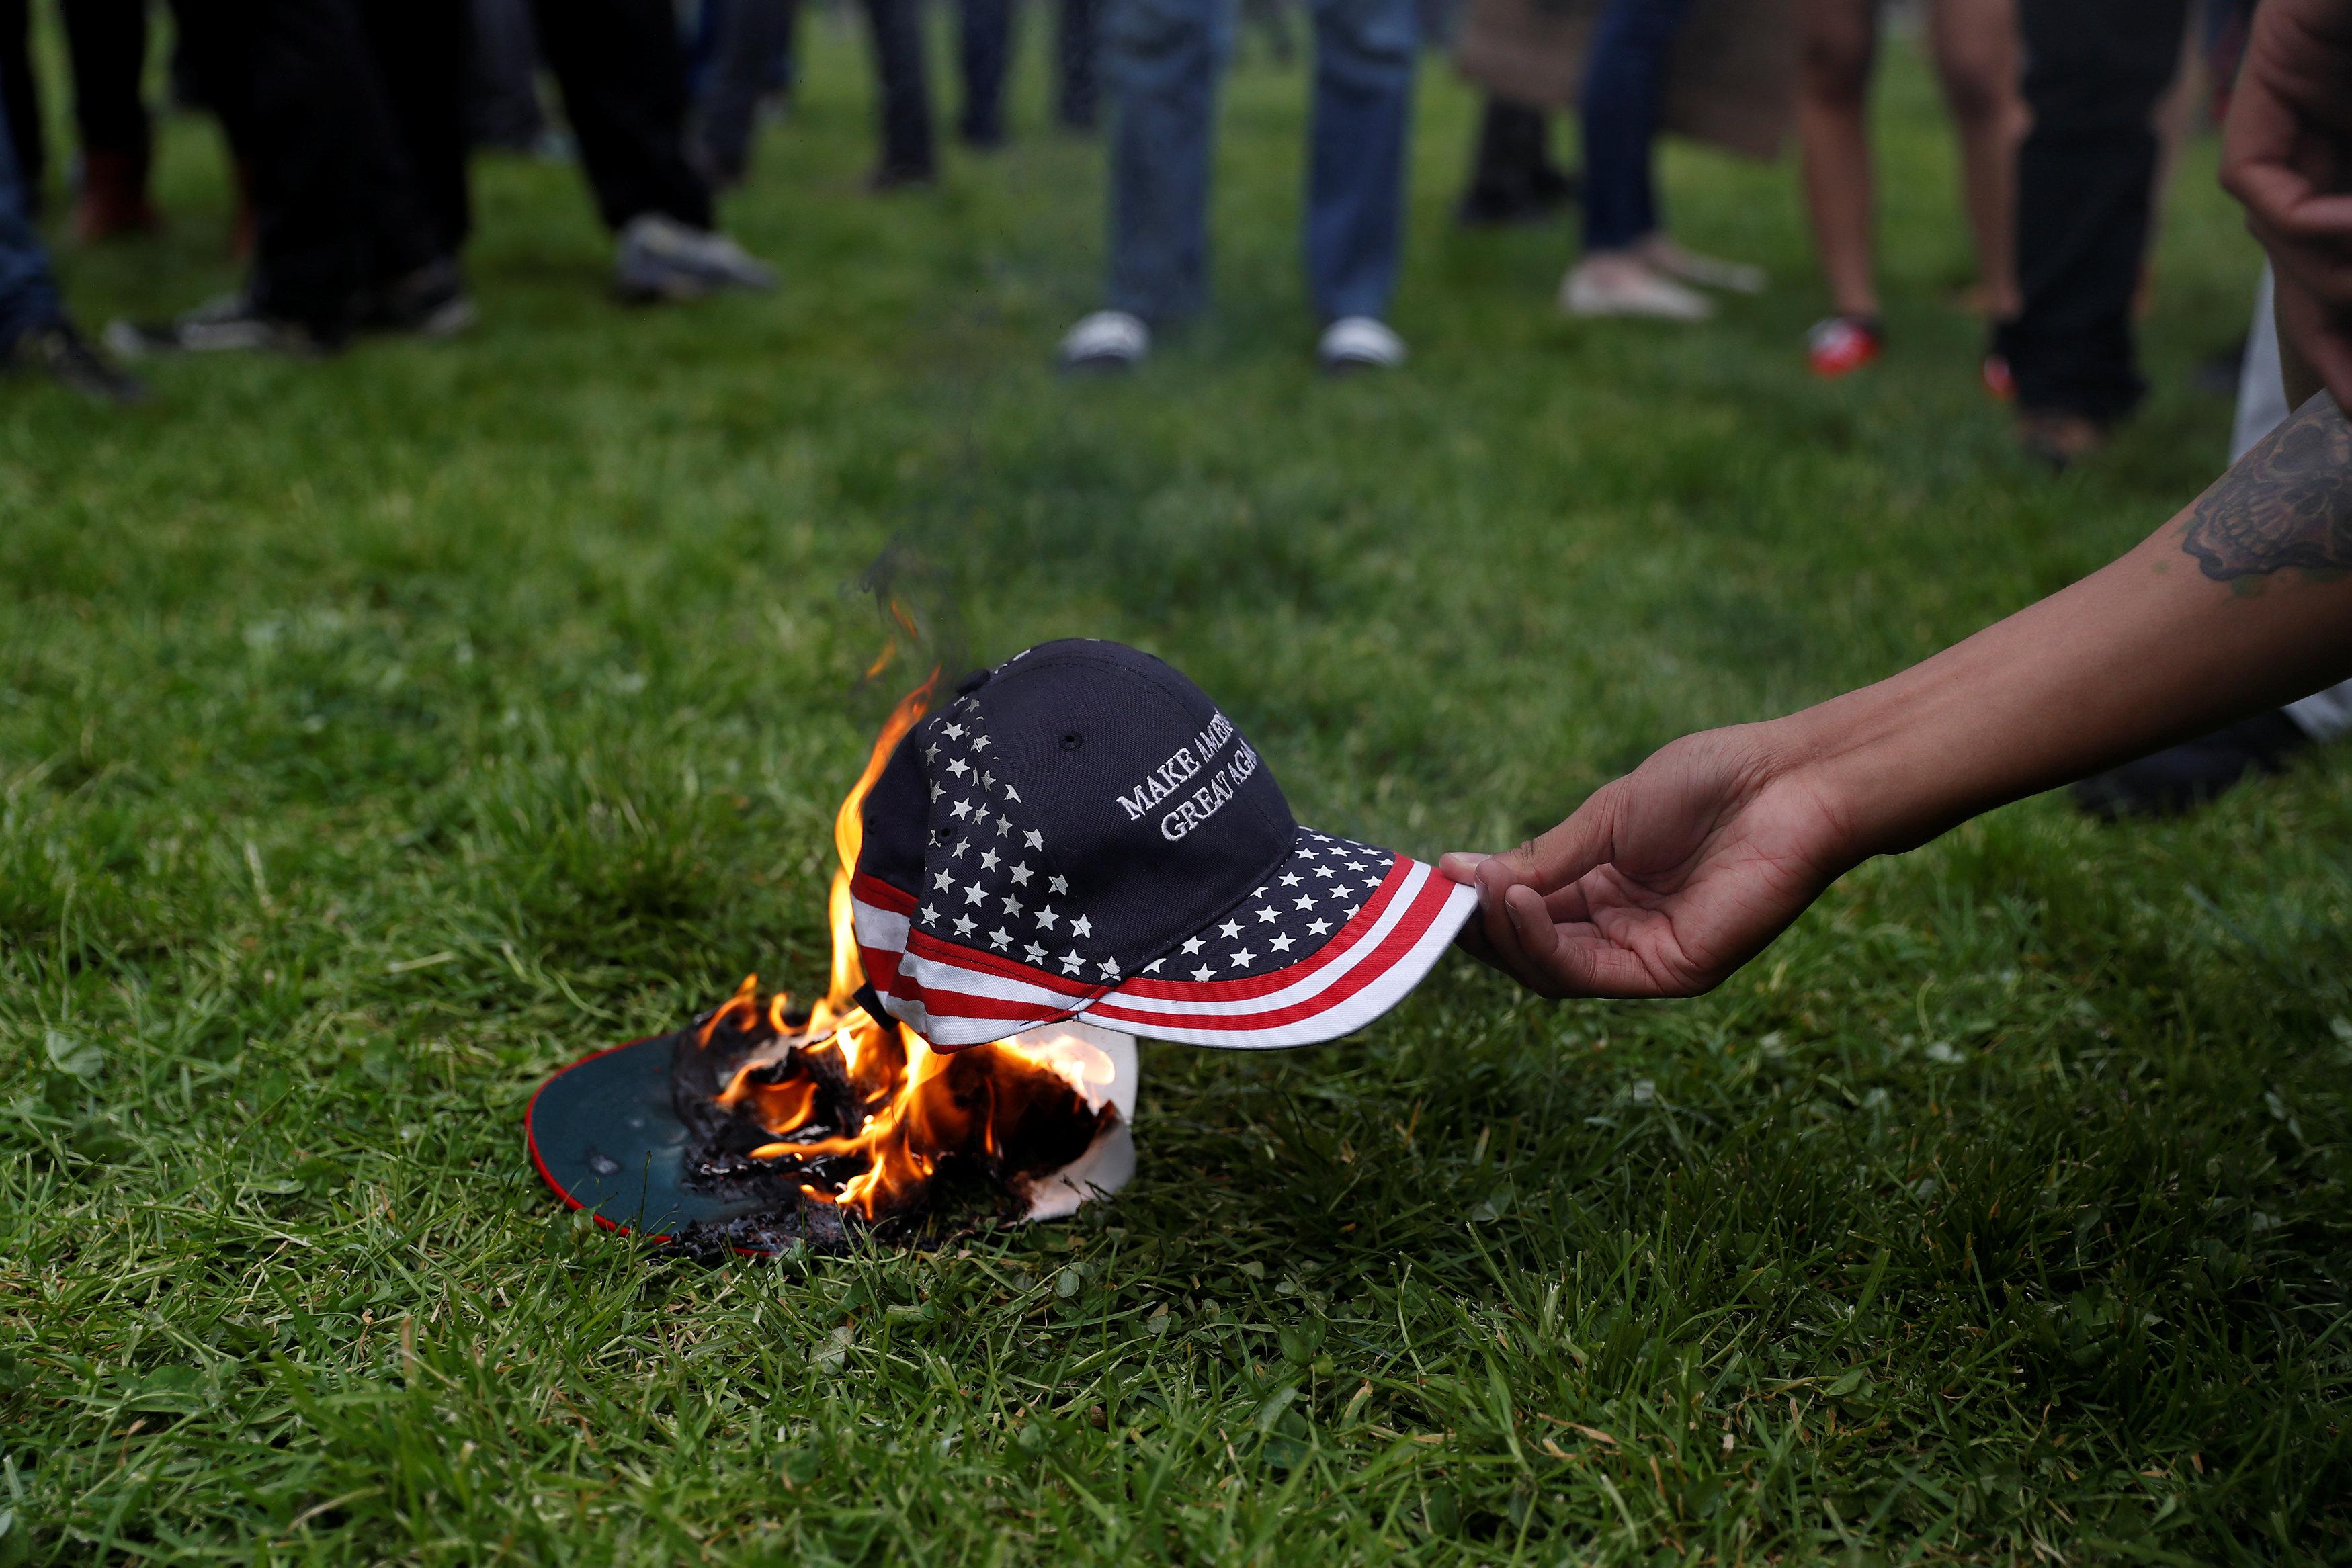 أحد المحتجين على ترامب يشعل متعلقات مؤيدى ترامب